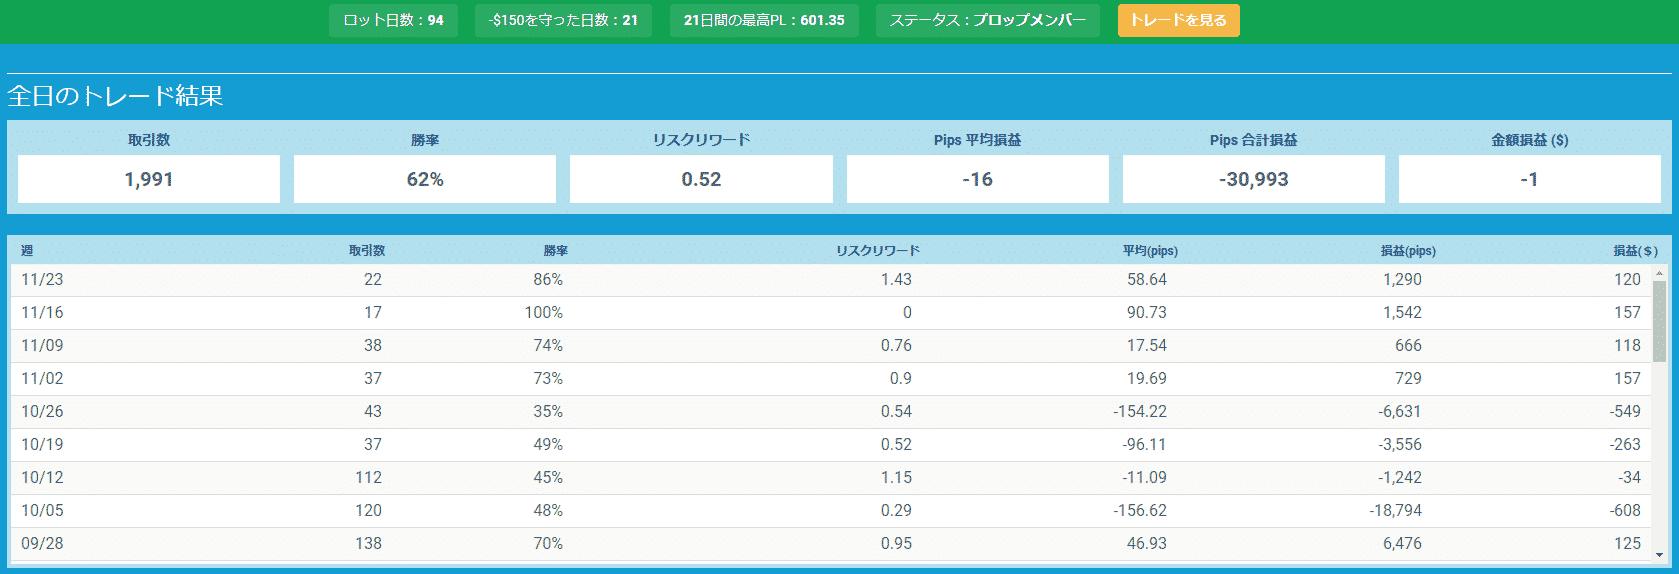 プロップトレーダーチャートOda3